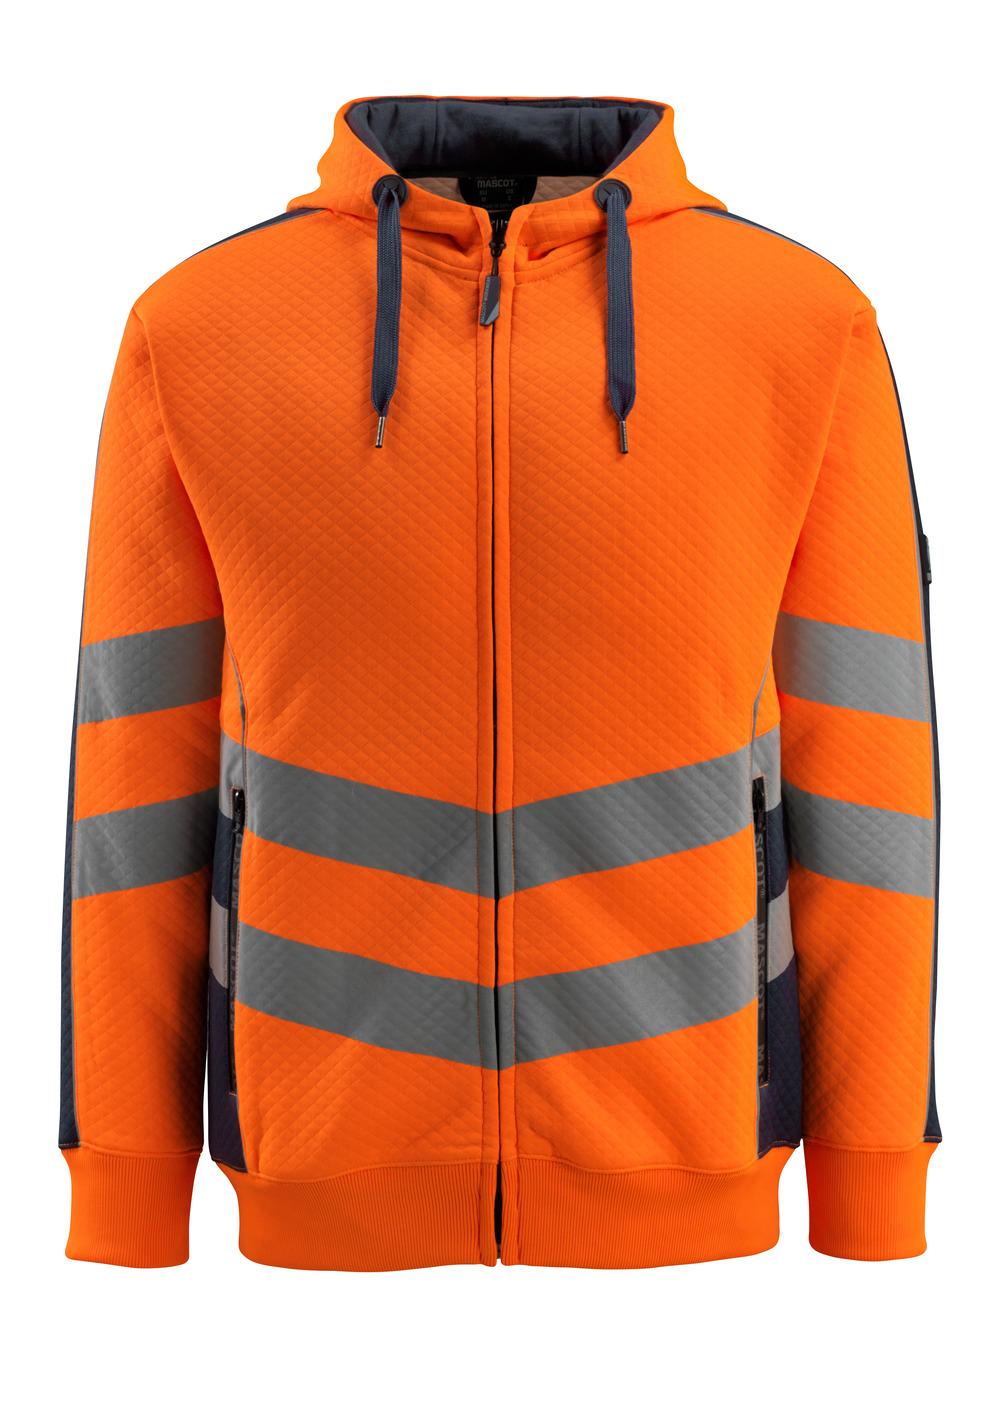 50138-932-14010 Huvtröja med blixtlås - hi-vis orange/mörk marin